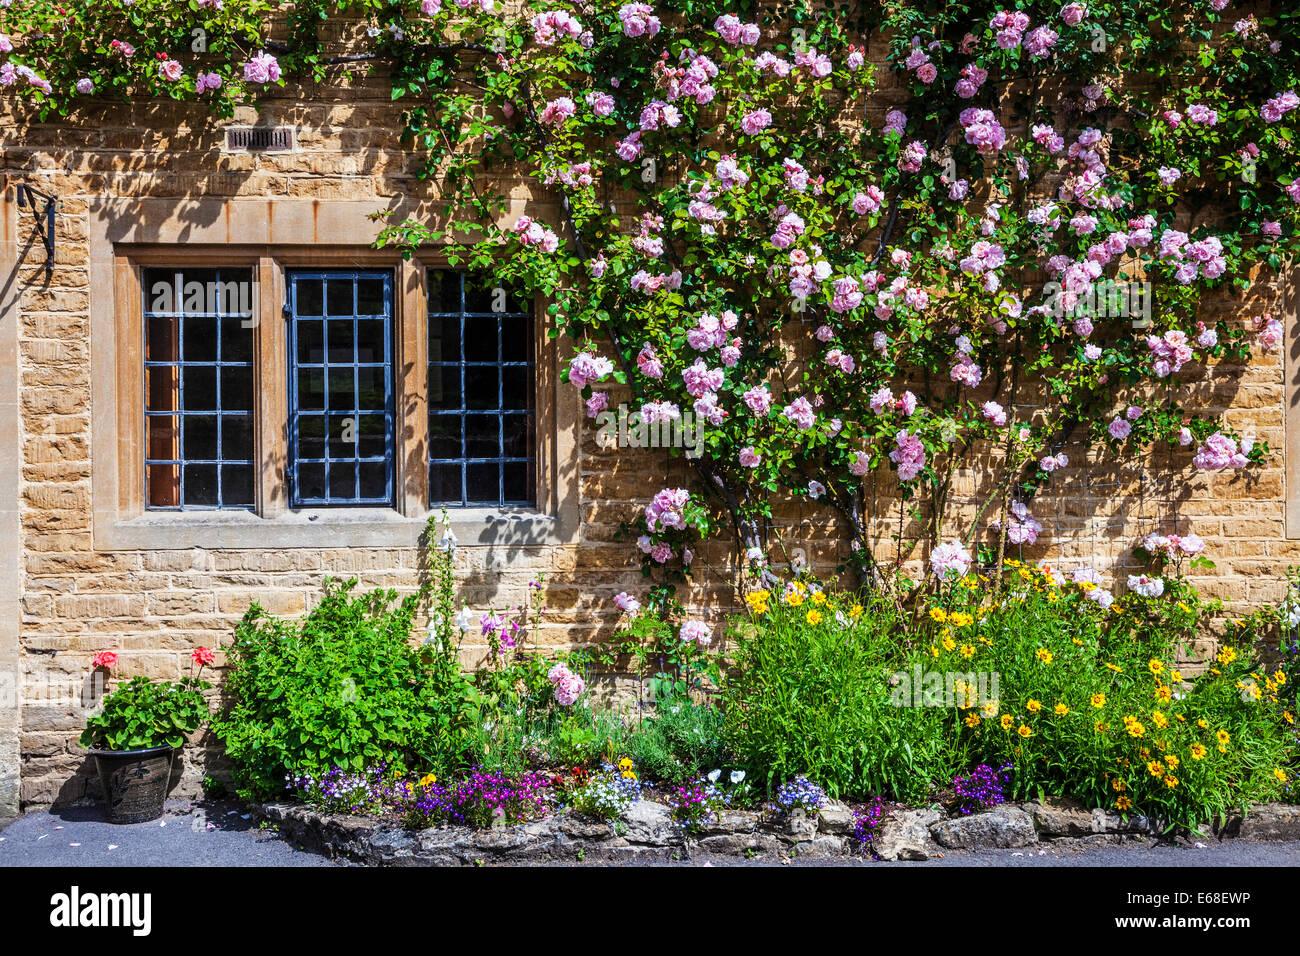 Cotswold cottage en pierre avec des fenêtres à meneaux, avant fenêtres à petits carreaux, rosiers Photo Stock